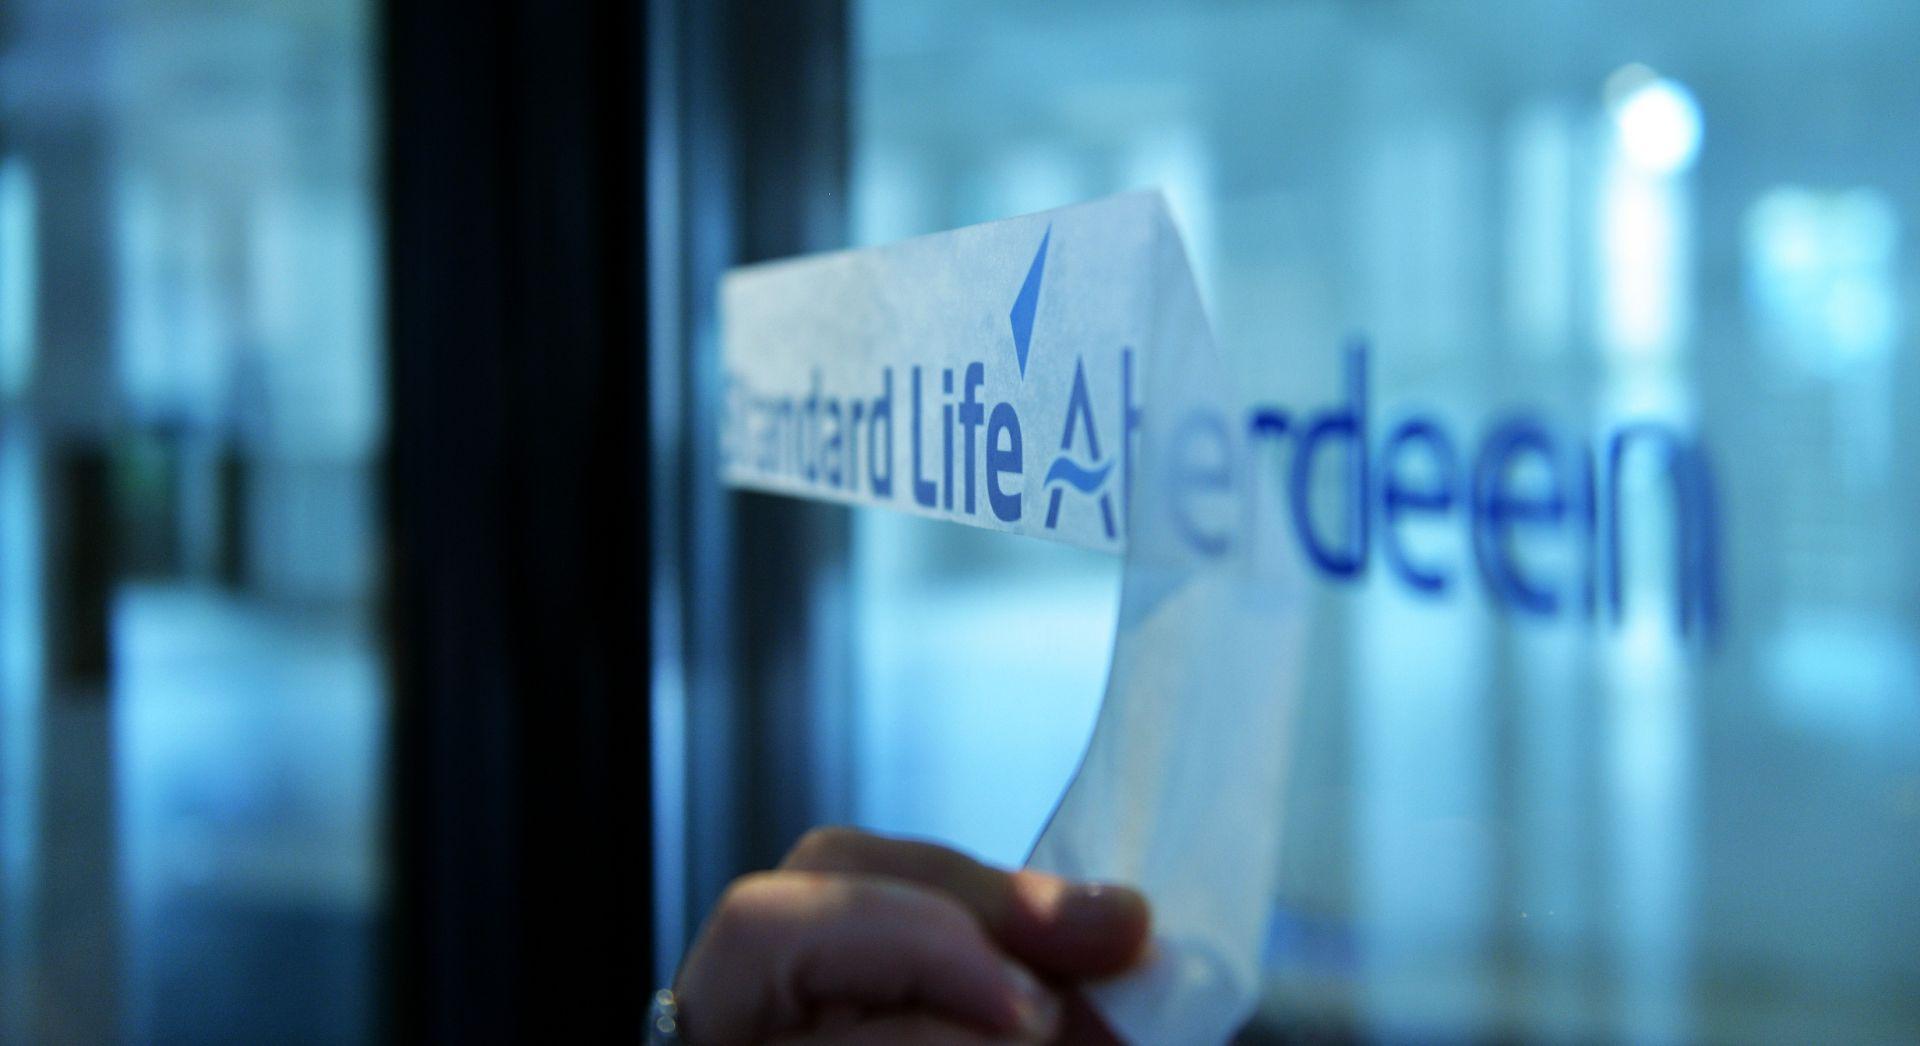 Standard Life Aberdeen logo on an office window